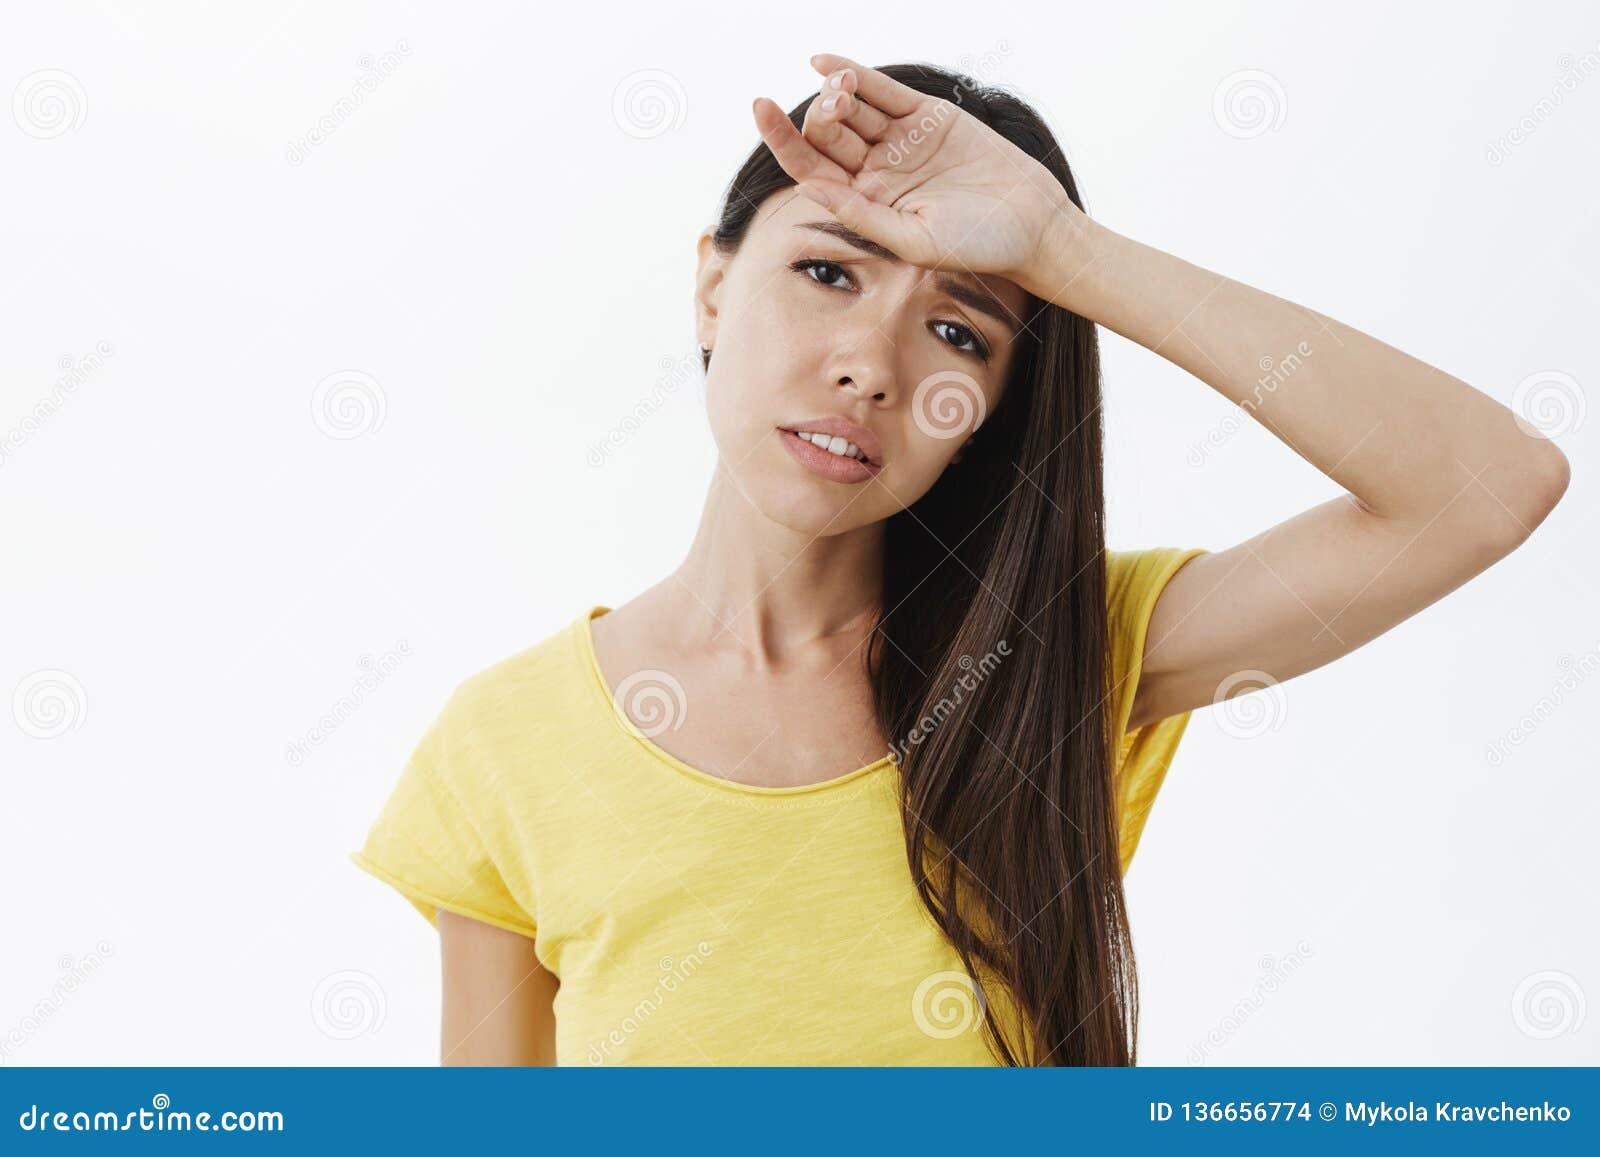 Erschöpfte düstere abgelassene attraktive Frau mit lond dem schönen whiping Schweiß dunklen Haares der Stirn anstarrend erschöpft